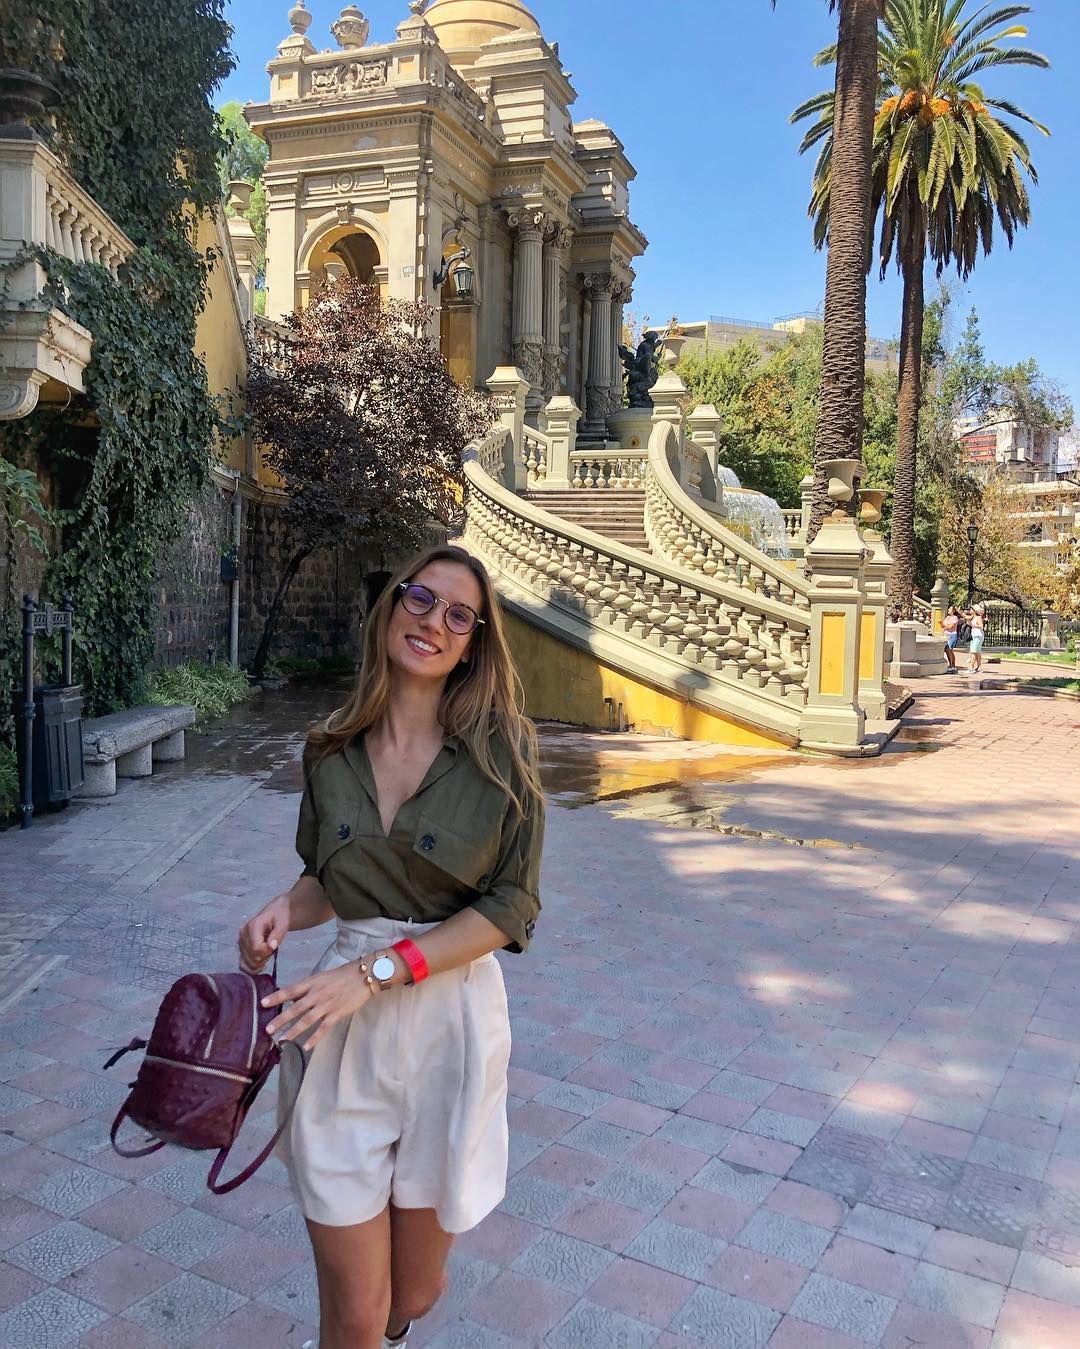 Već četiri godine živim u Čileu, a ovdje kažu: Ako si lijep, vjerojatno si Hrvat!